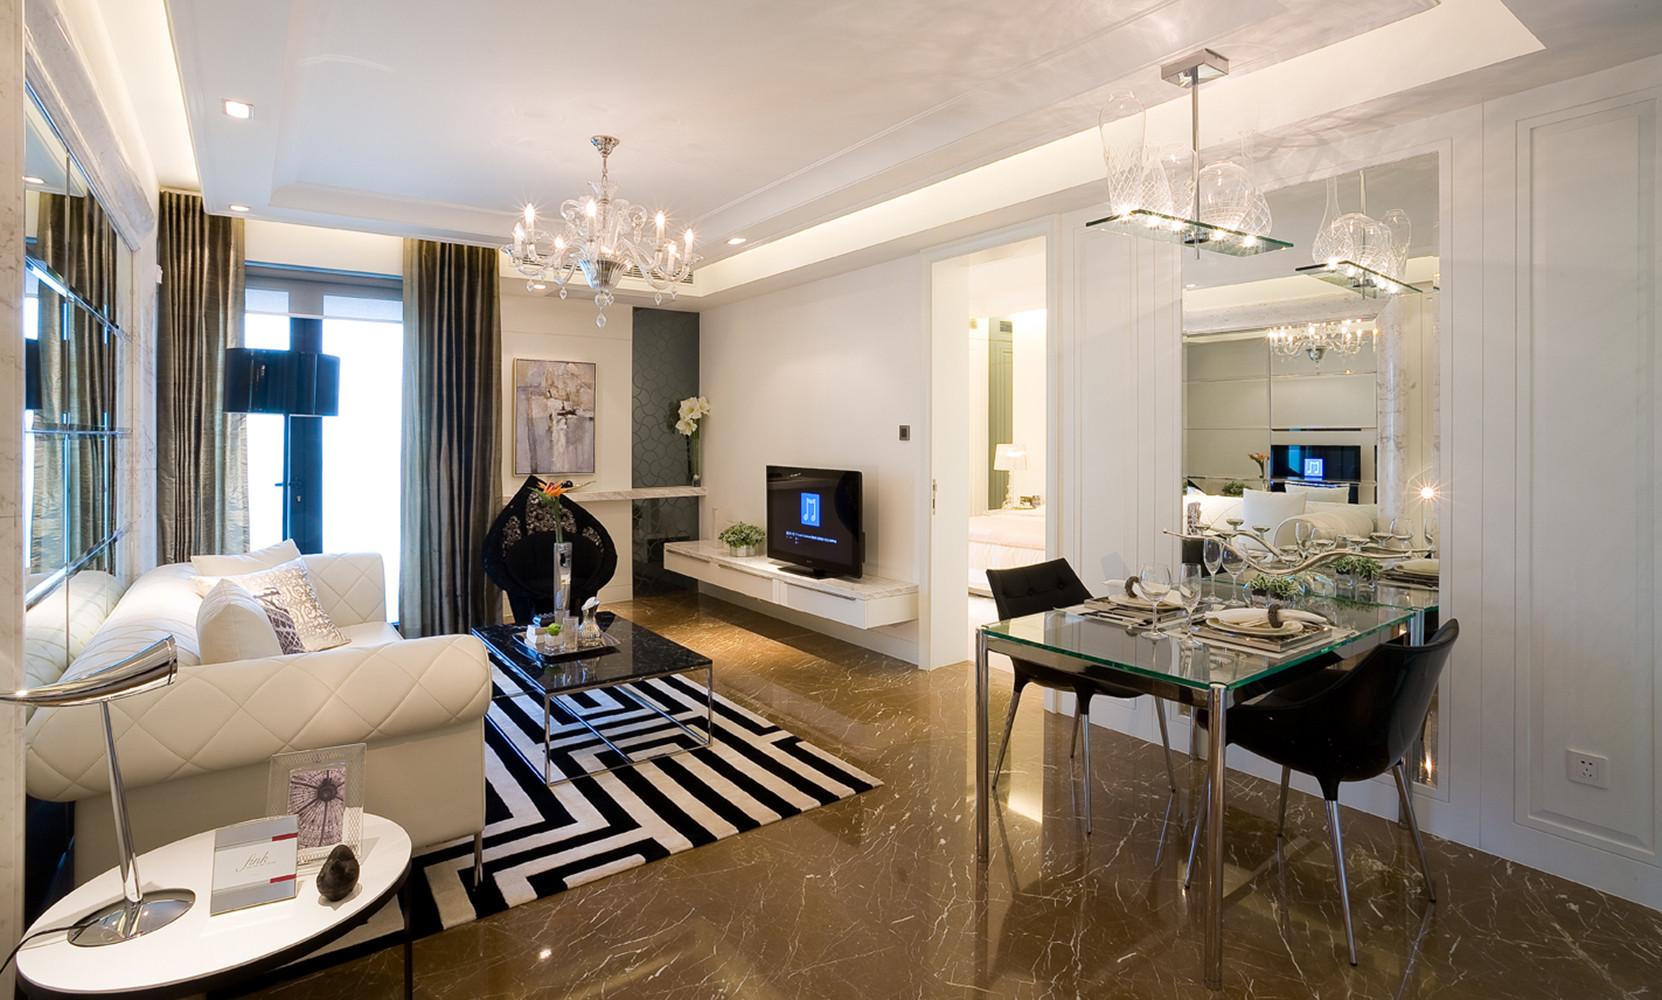 现代房子装修风格图片,装修案例赏析